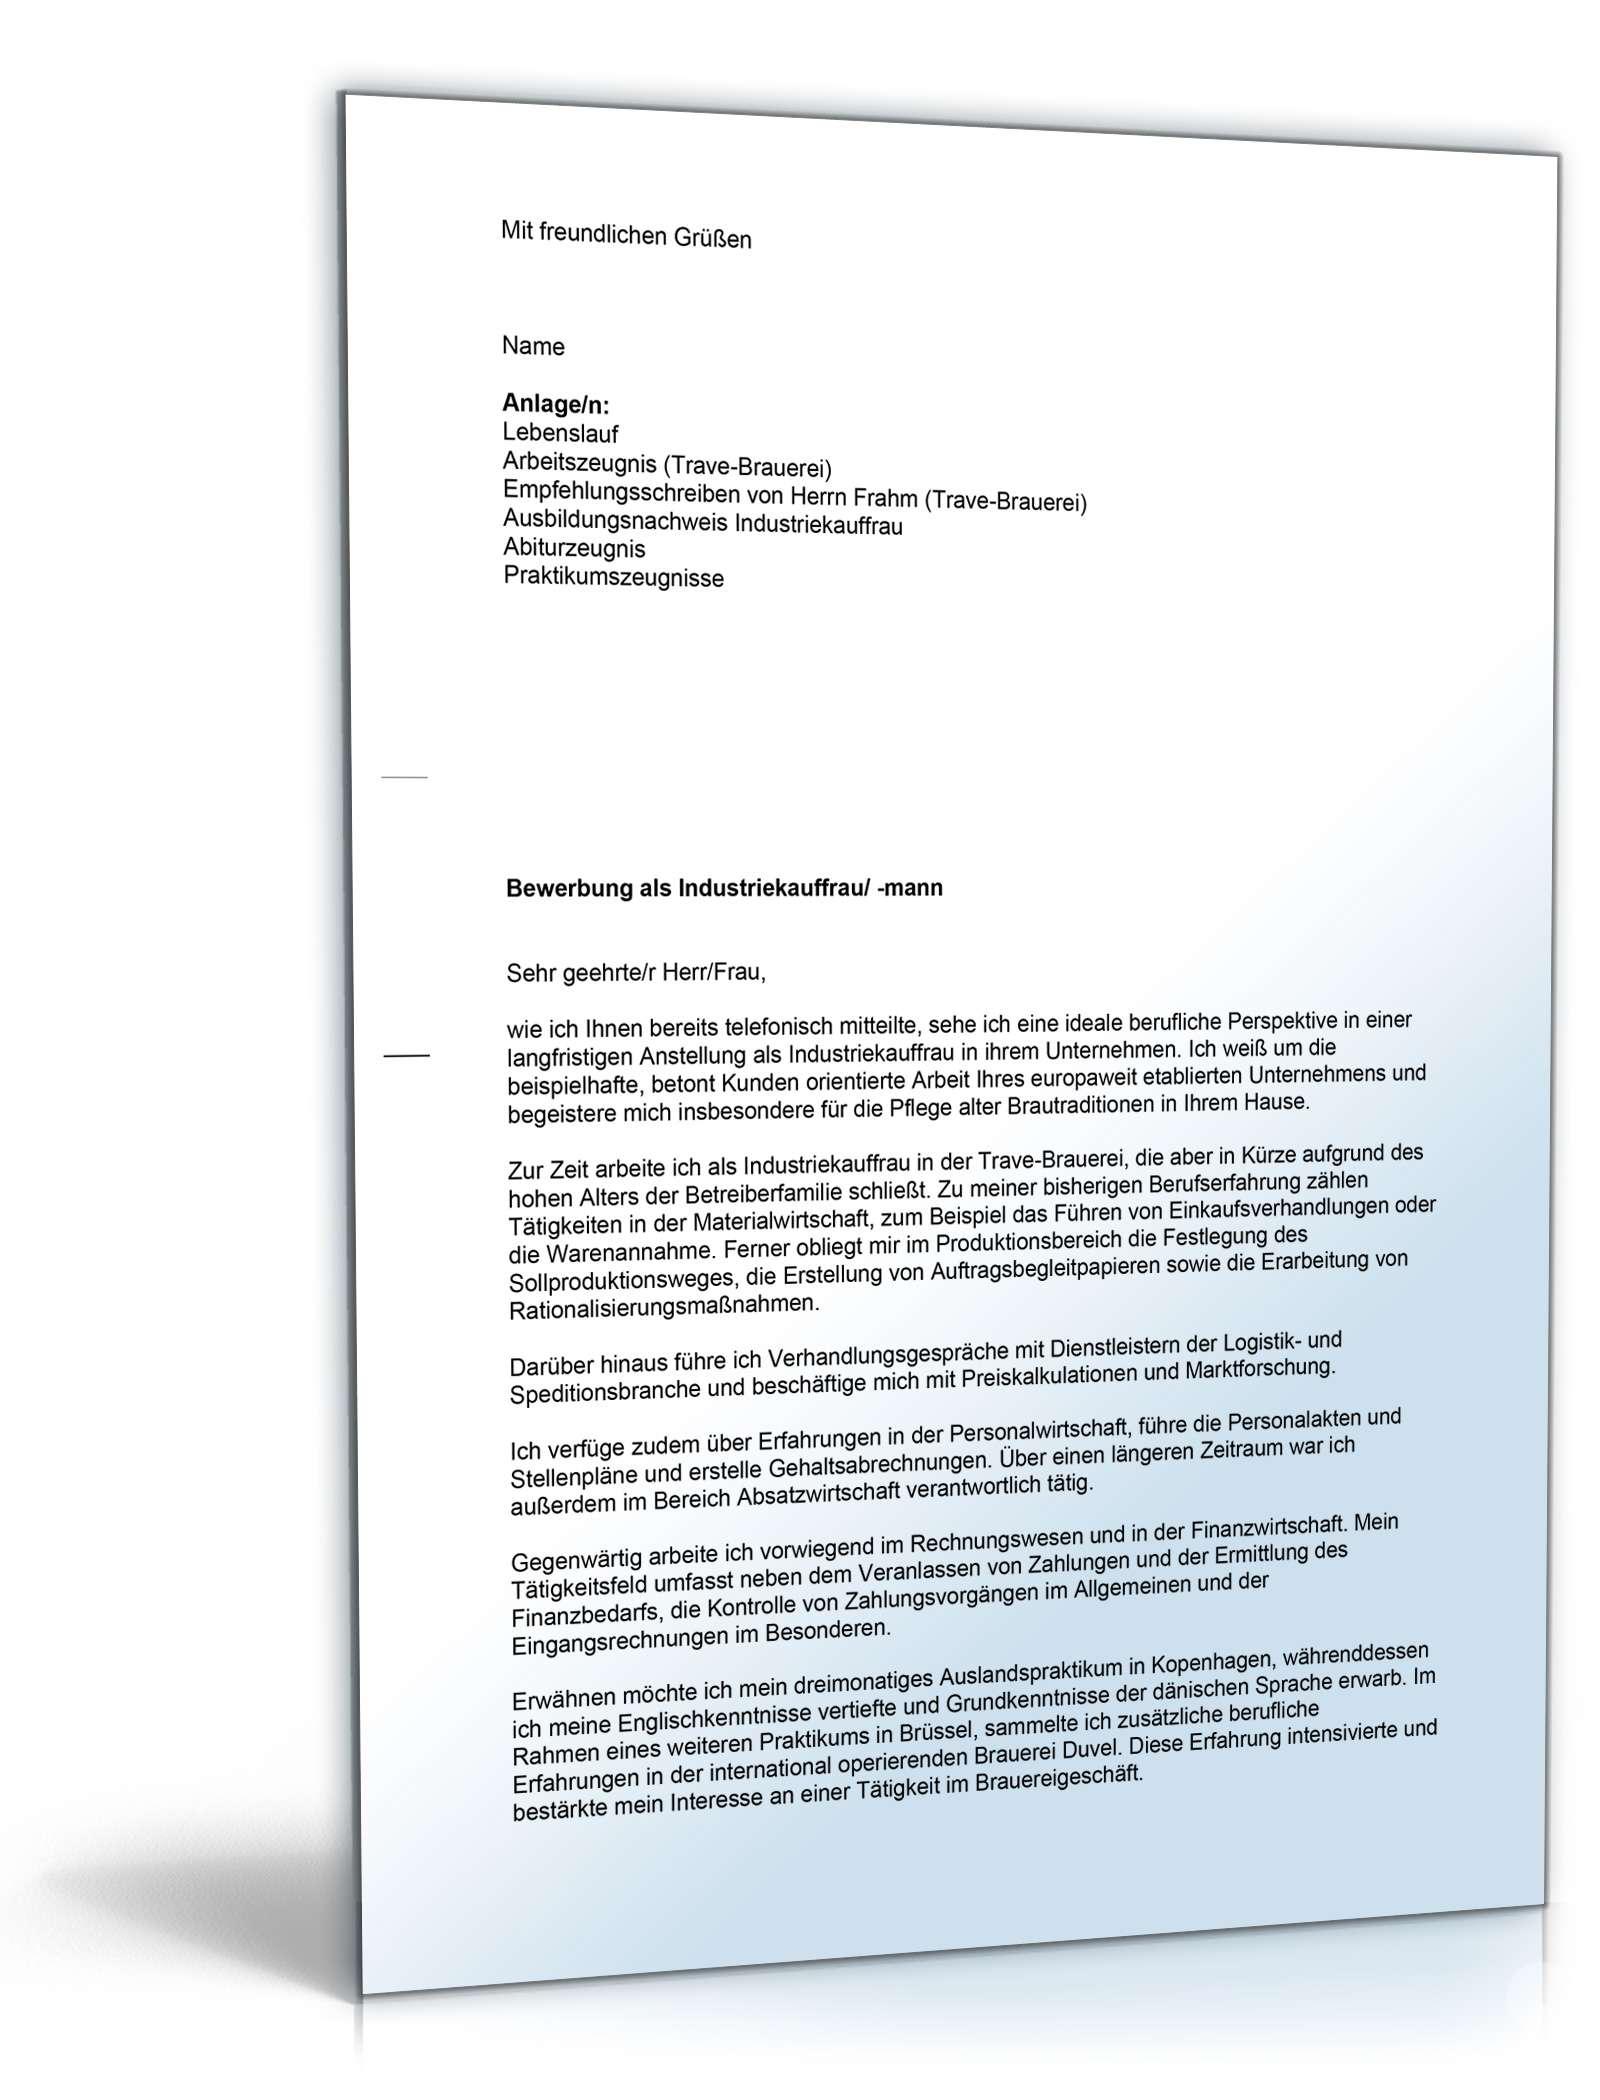 ... Anschreiben Bewerbung Industriekauffrau   Muster zum Download ...